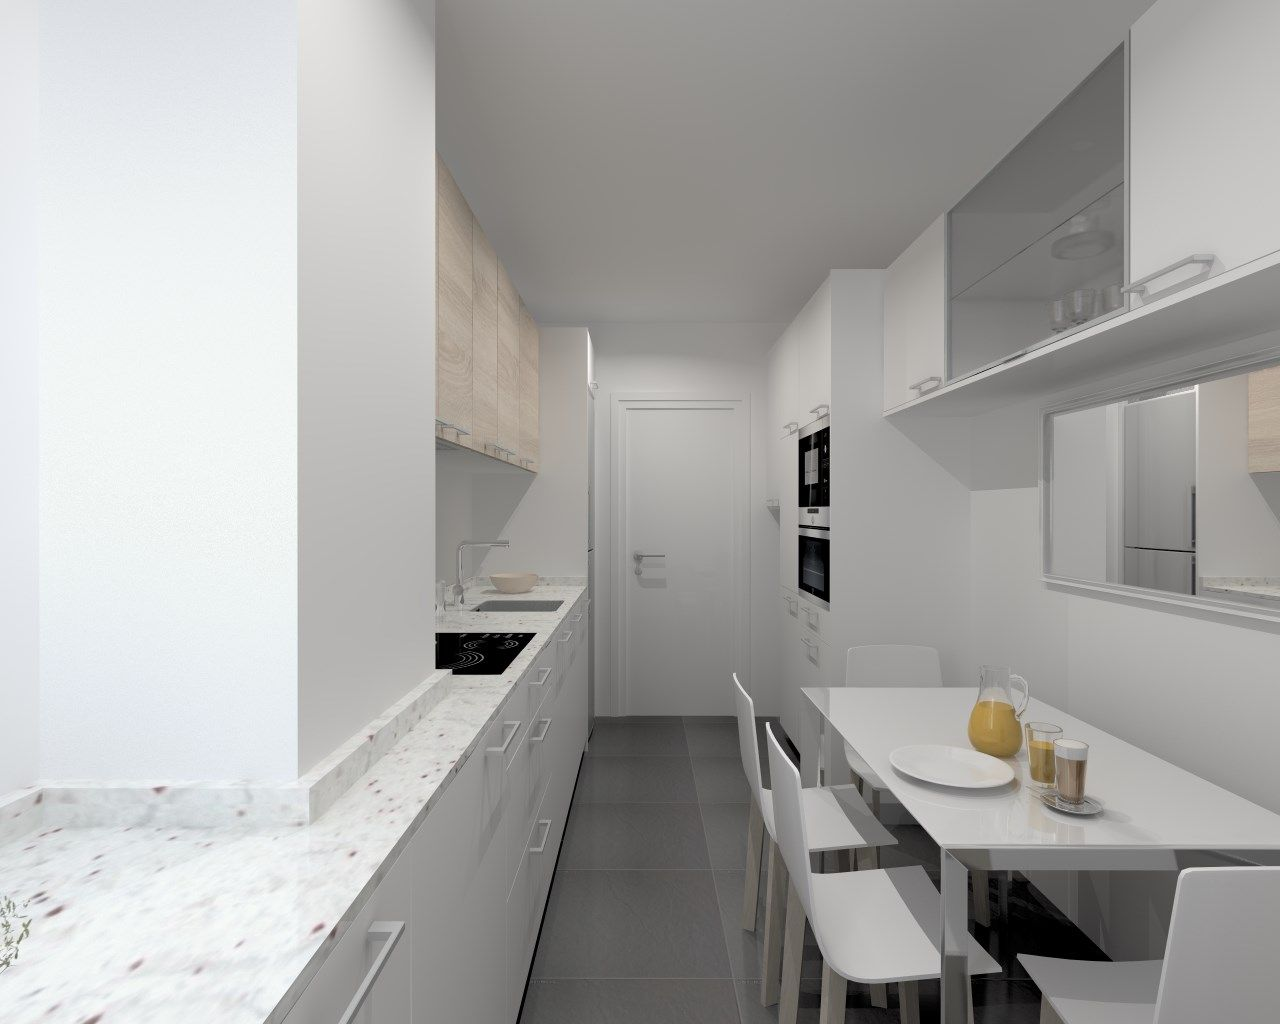 Cocina santos modelo ariane estratificado blanco encimera for Encimera granito blanco